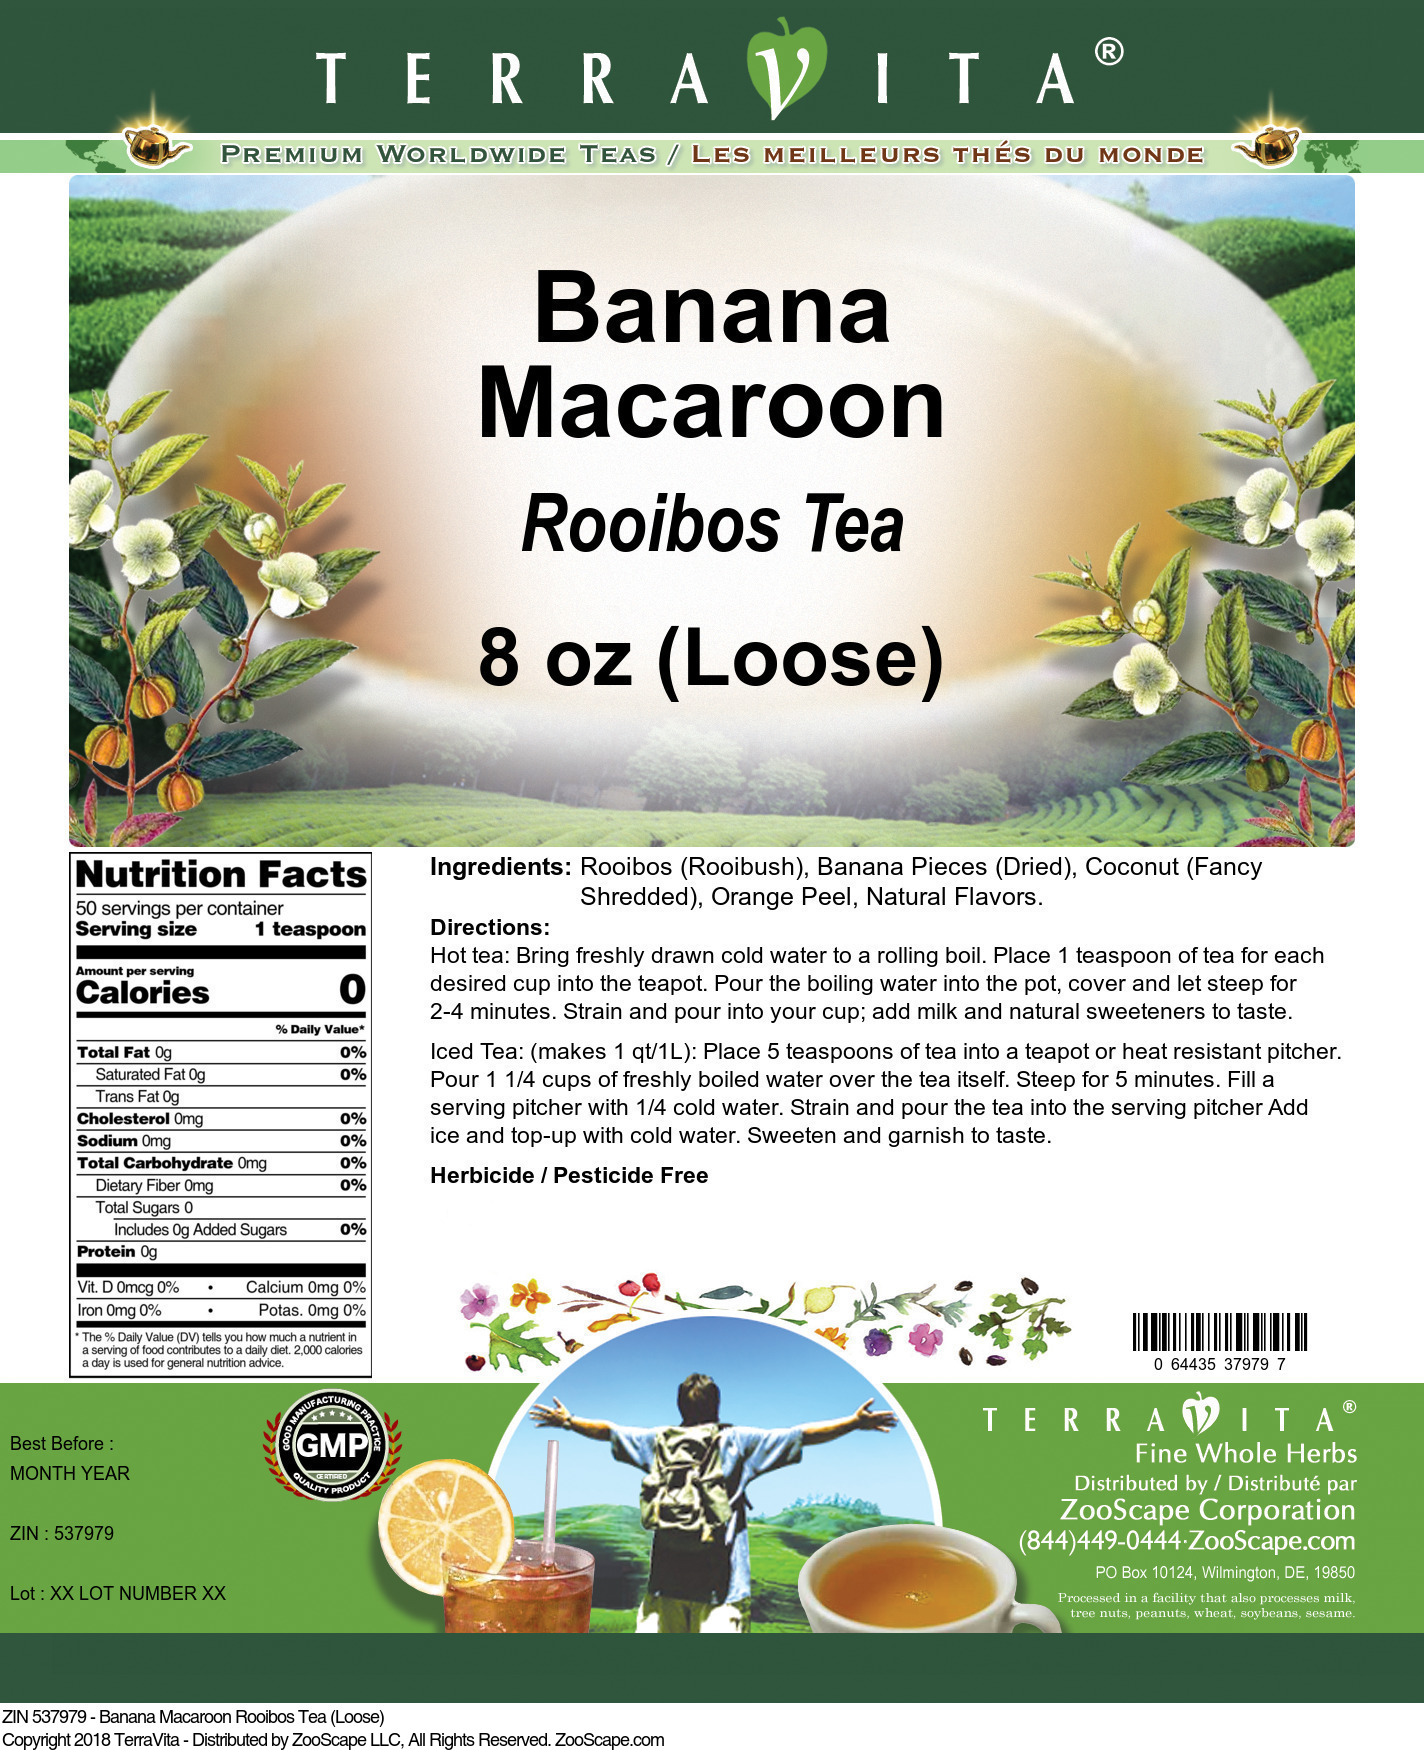 Banana Macaroon Rooibos Tea